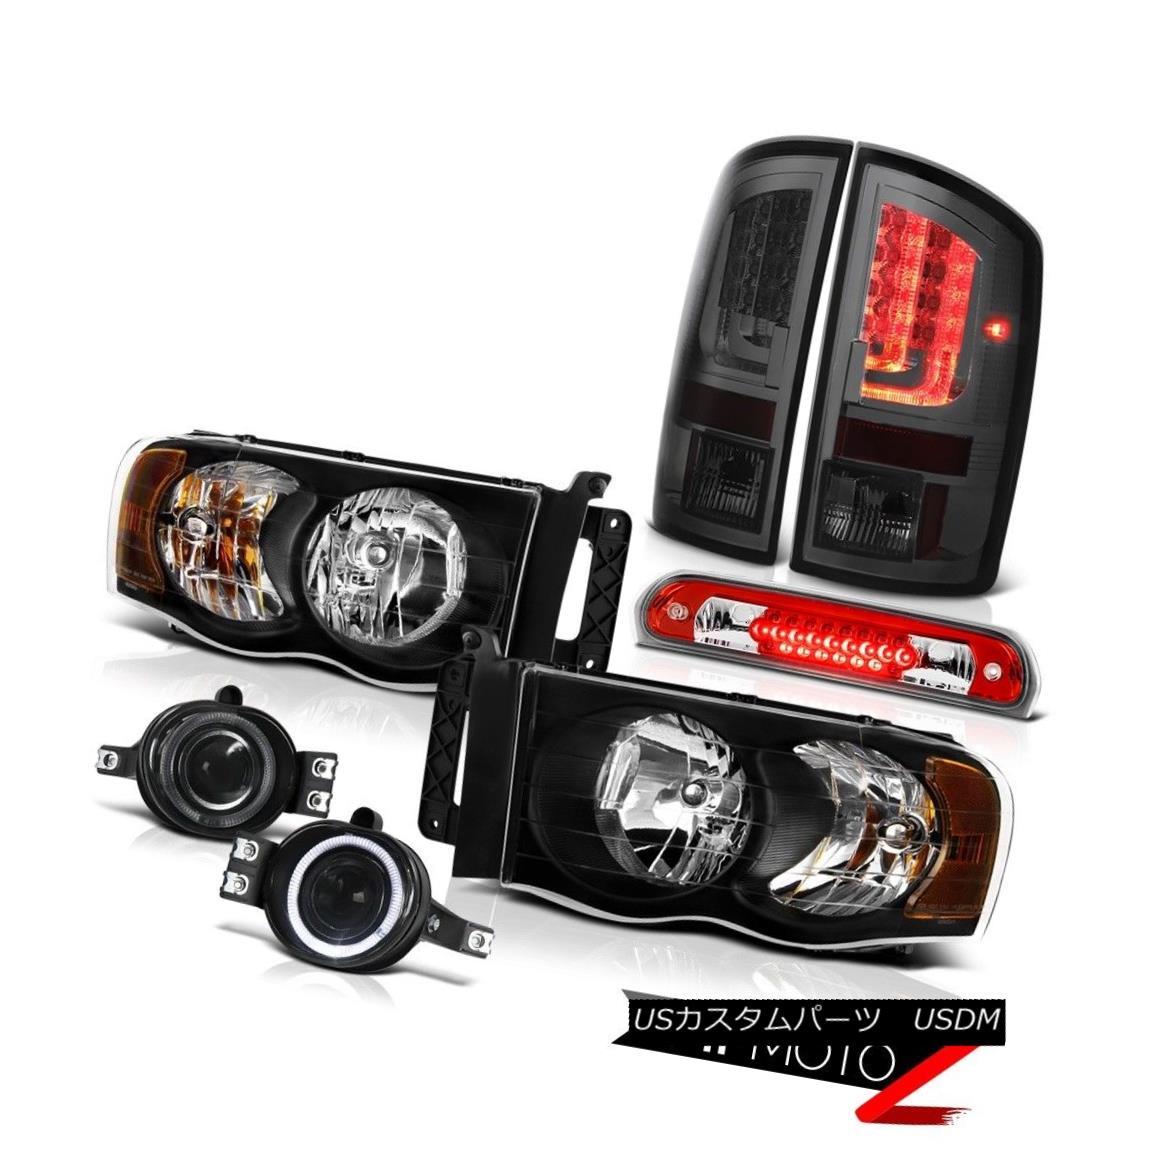 テールライト 02-05 Dodge Ram 1500 2500 5.7L Taillamps Headlamps Fog Lamps Roof Cab Light LED 02-05ダッジラム1500 2500 5.7LタイルランプヘッドランプフォグランプルーフキャブライトLED